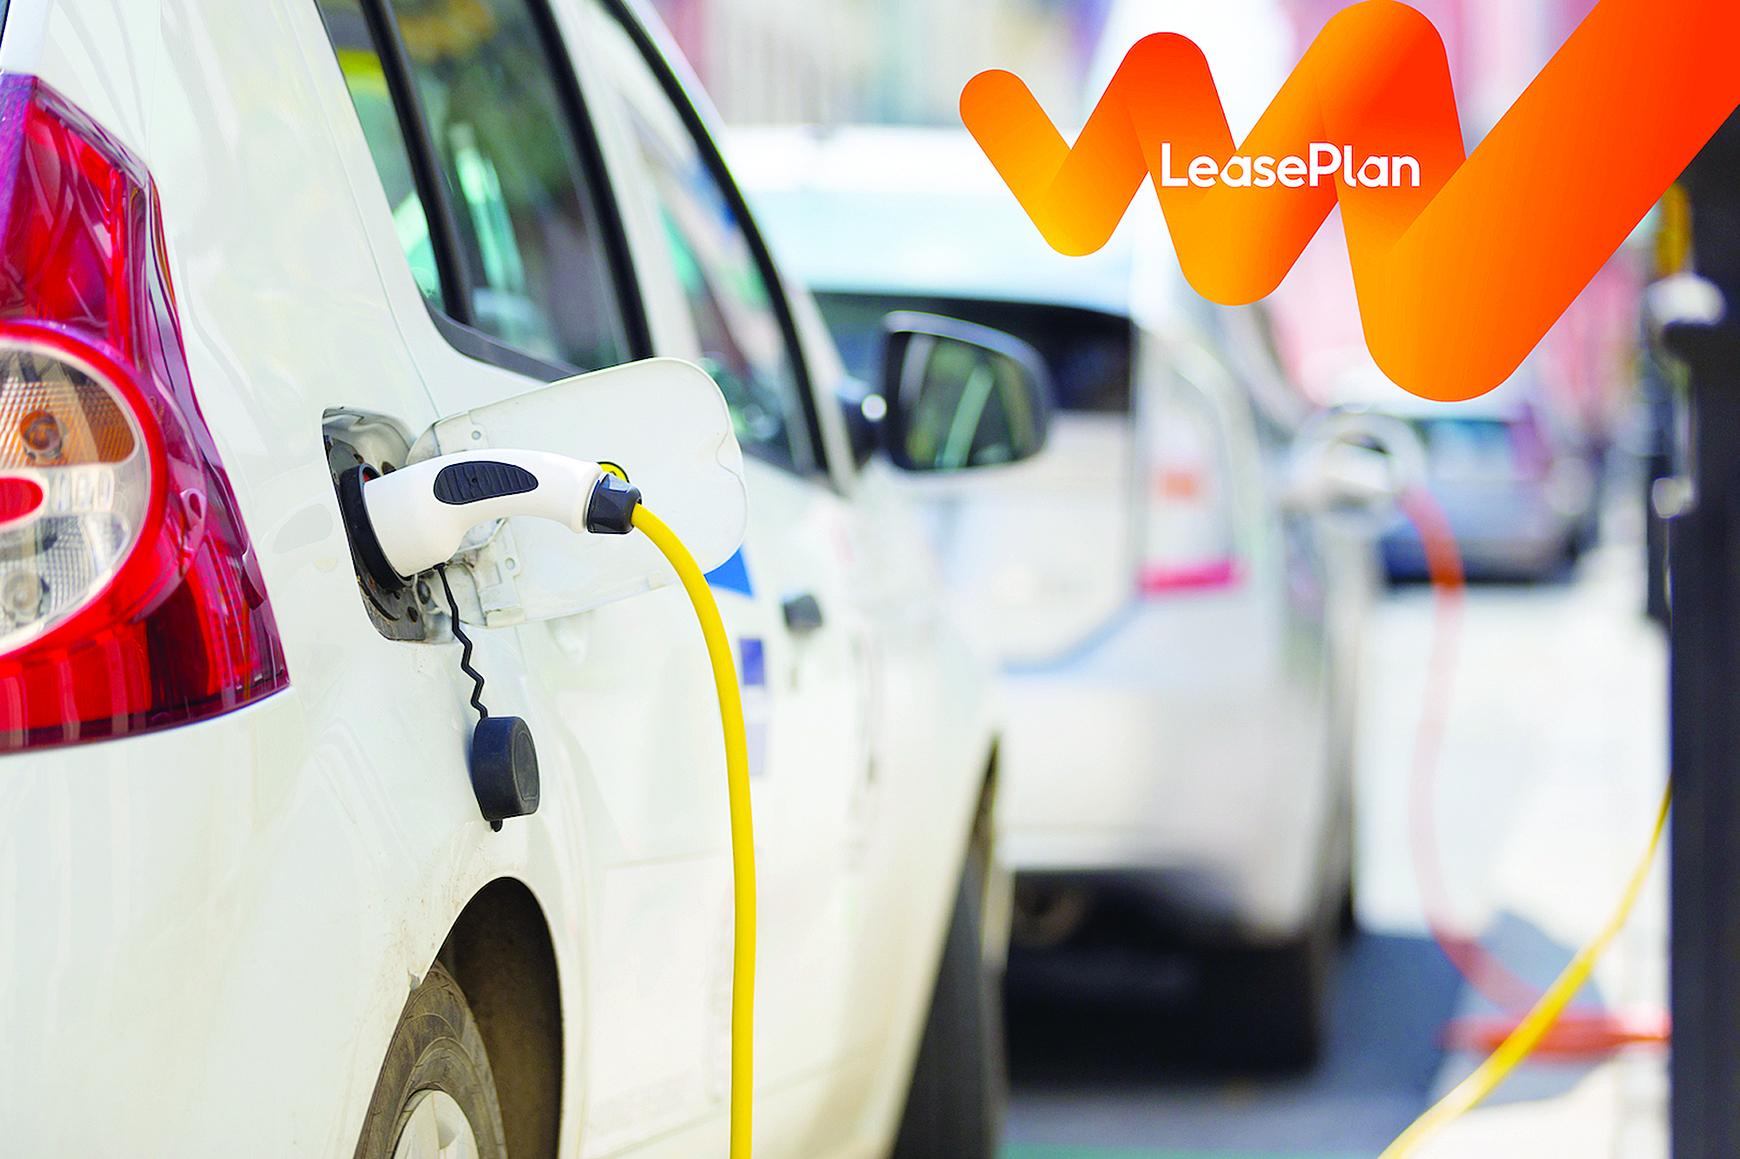 Yüzde 80 elektrikli araç istiyor